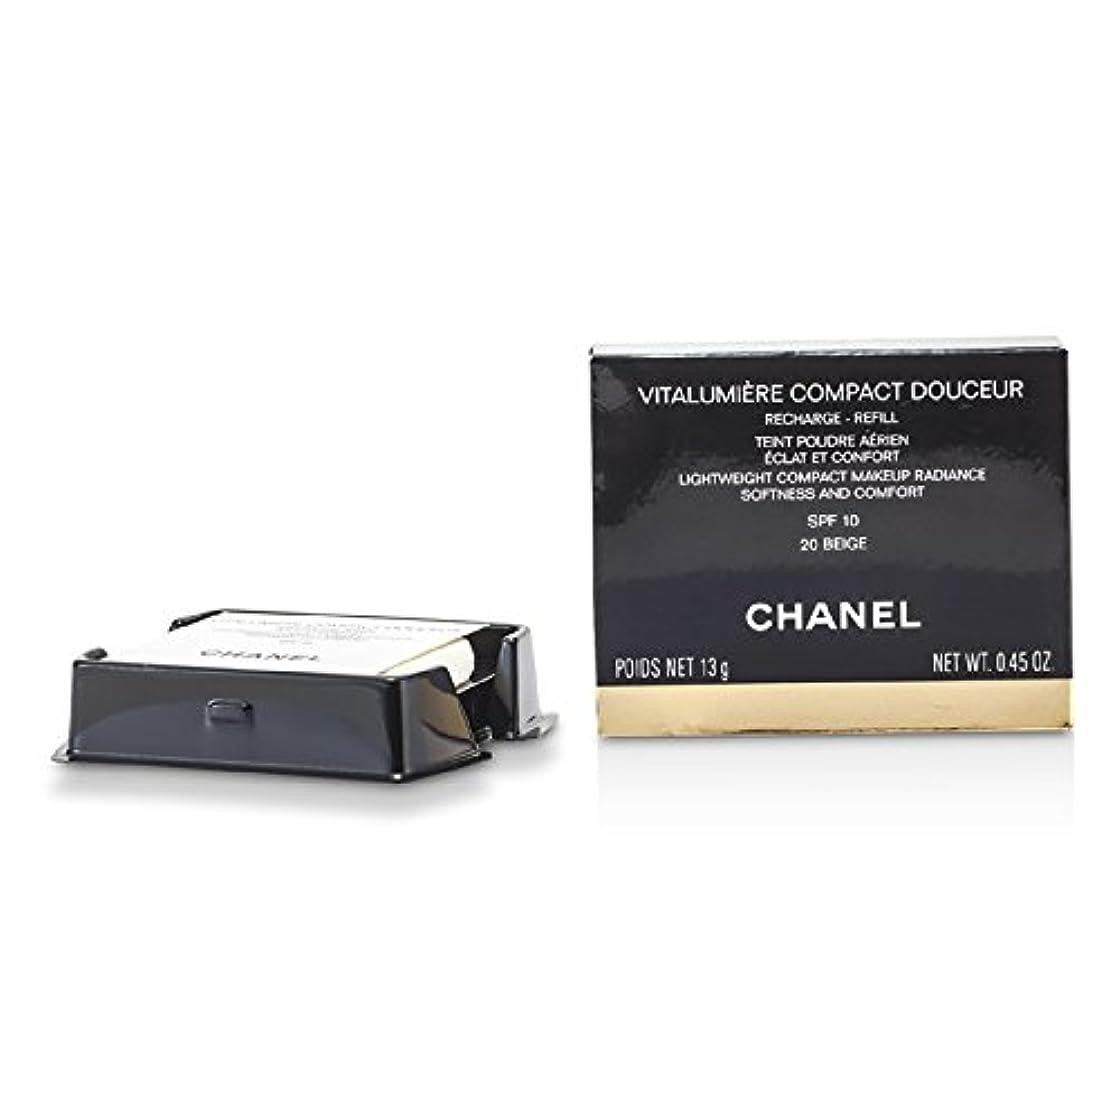 認証玉ねぎ移行するシャネル ヴィタルミエール ドゥスール コンパクト レフィル- # 20 Beige 13g/0.45oz並行輸入品